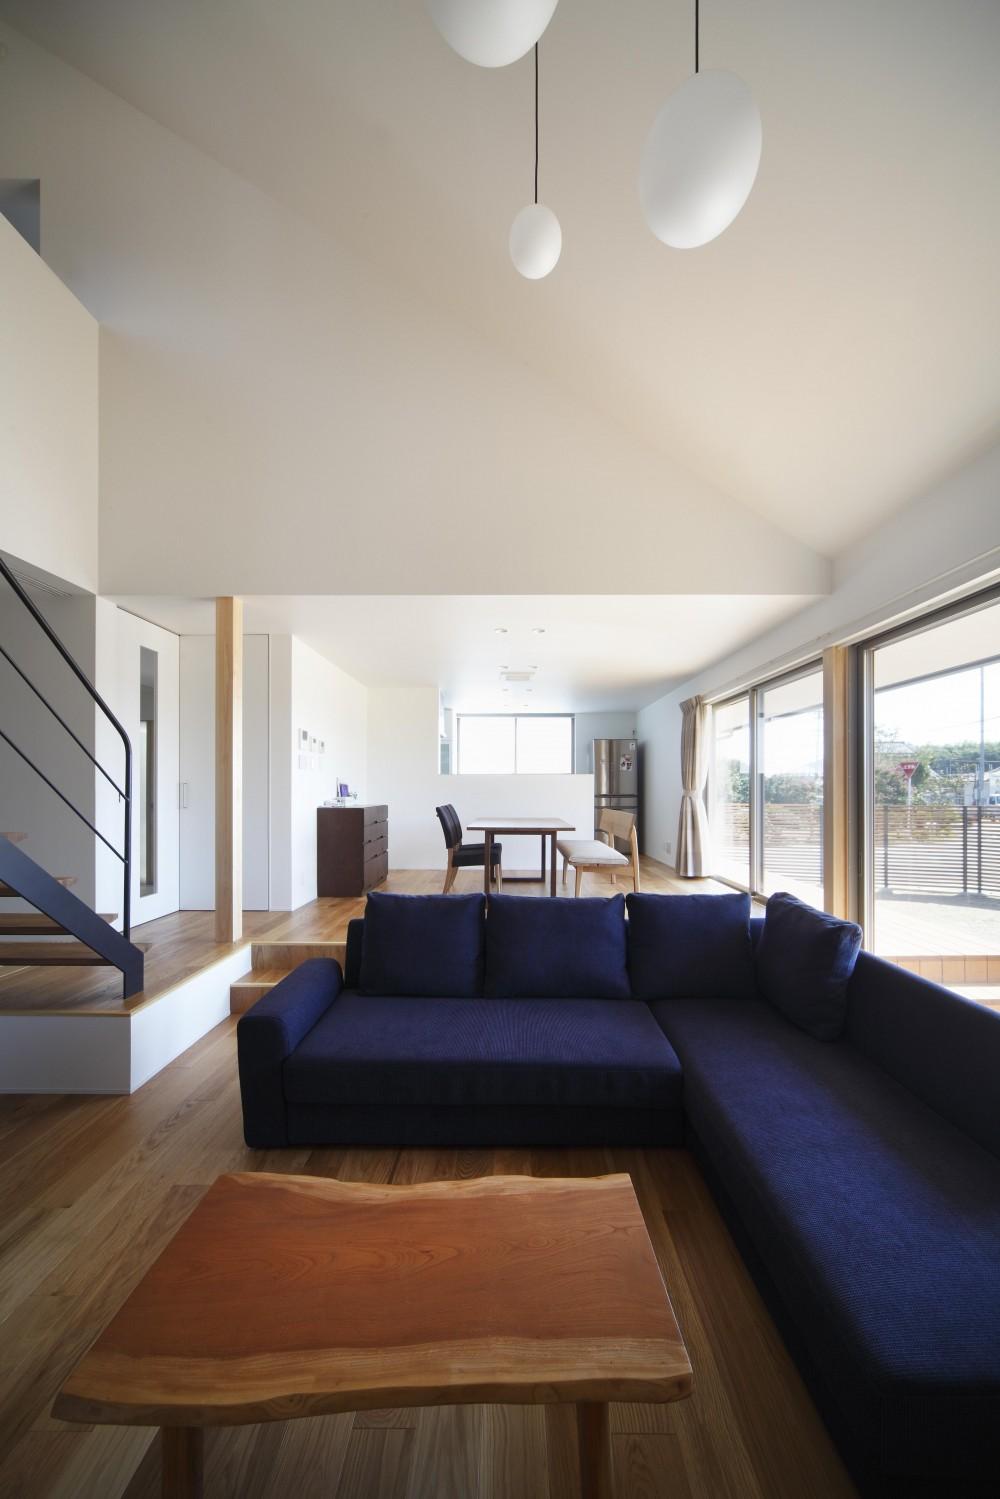 勾配天井のリビングダイニングキッチン (おおきな屋根を楽しむ家)